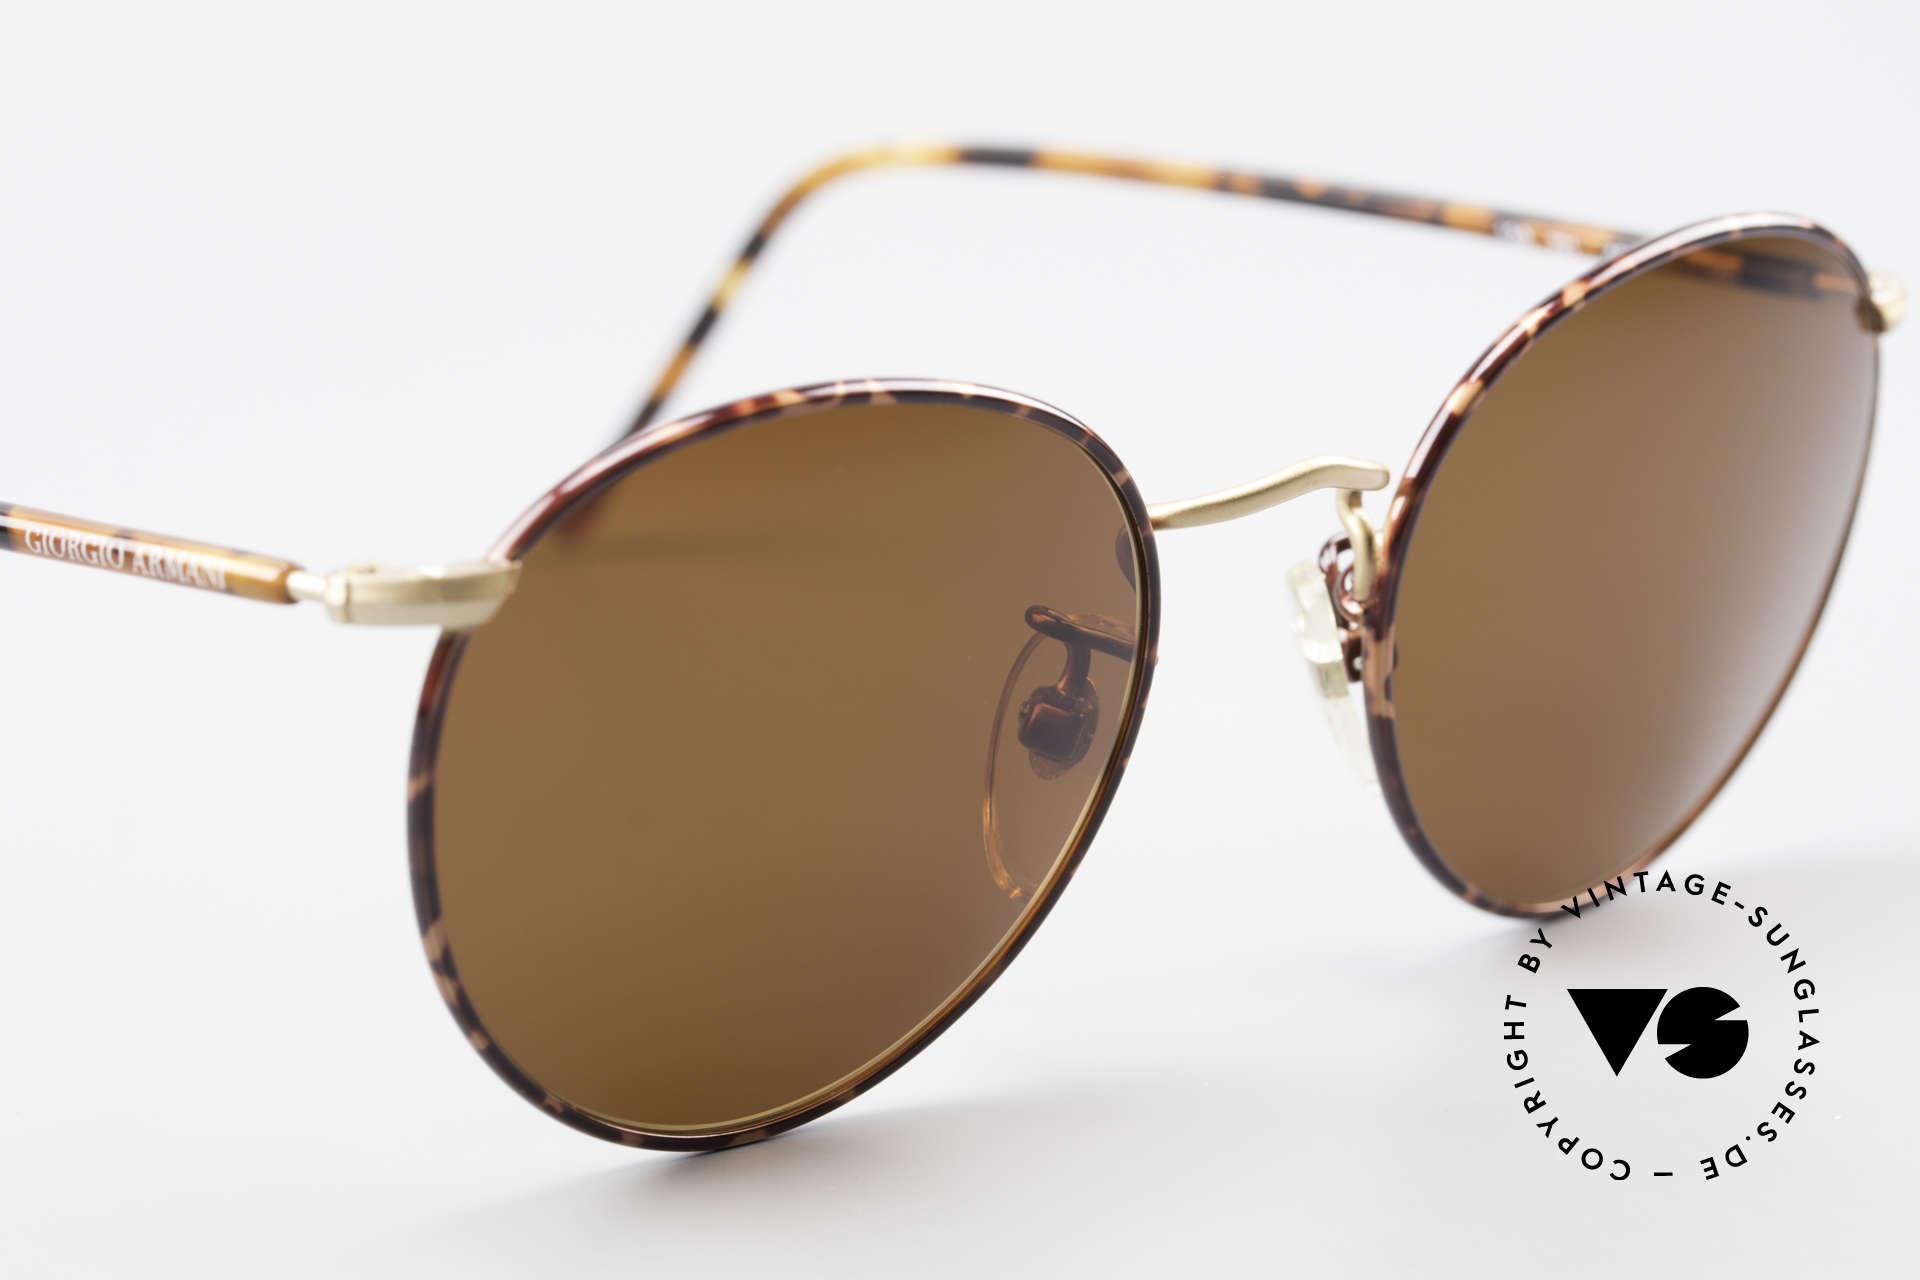 Giorgio Armani 138 Panto Vintage Sonnenbrille, ungetragen (wie all unsere G. Armani Sonnenbrillen), Passend für Herren